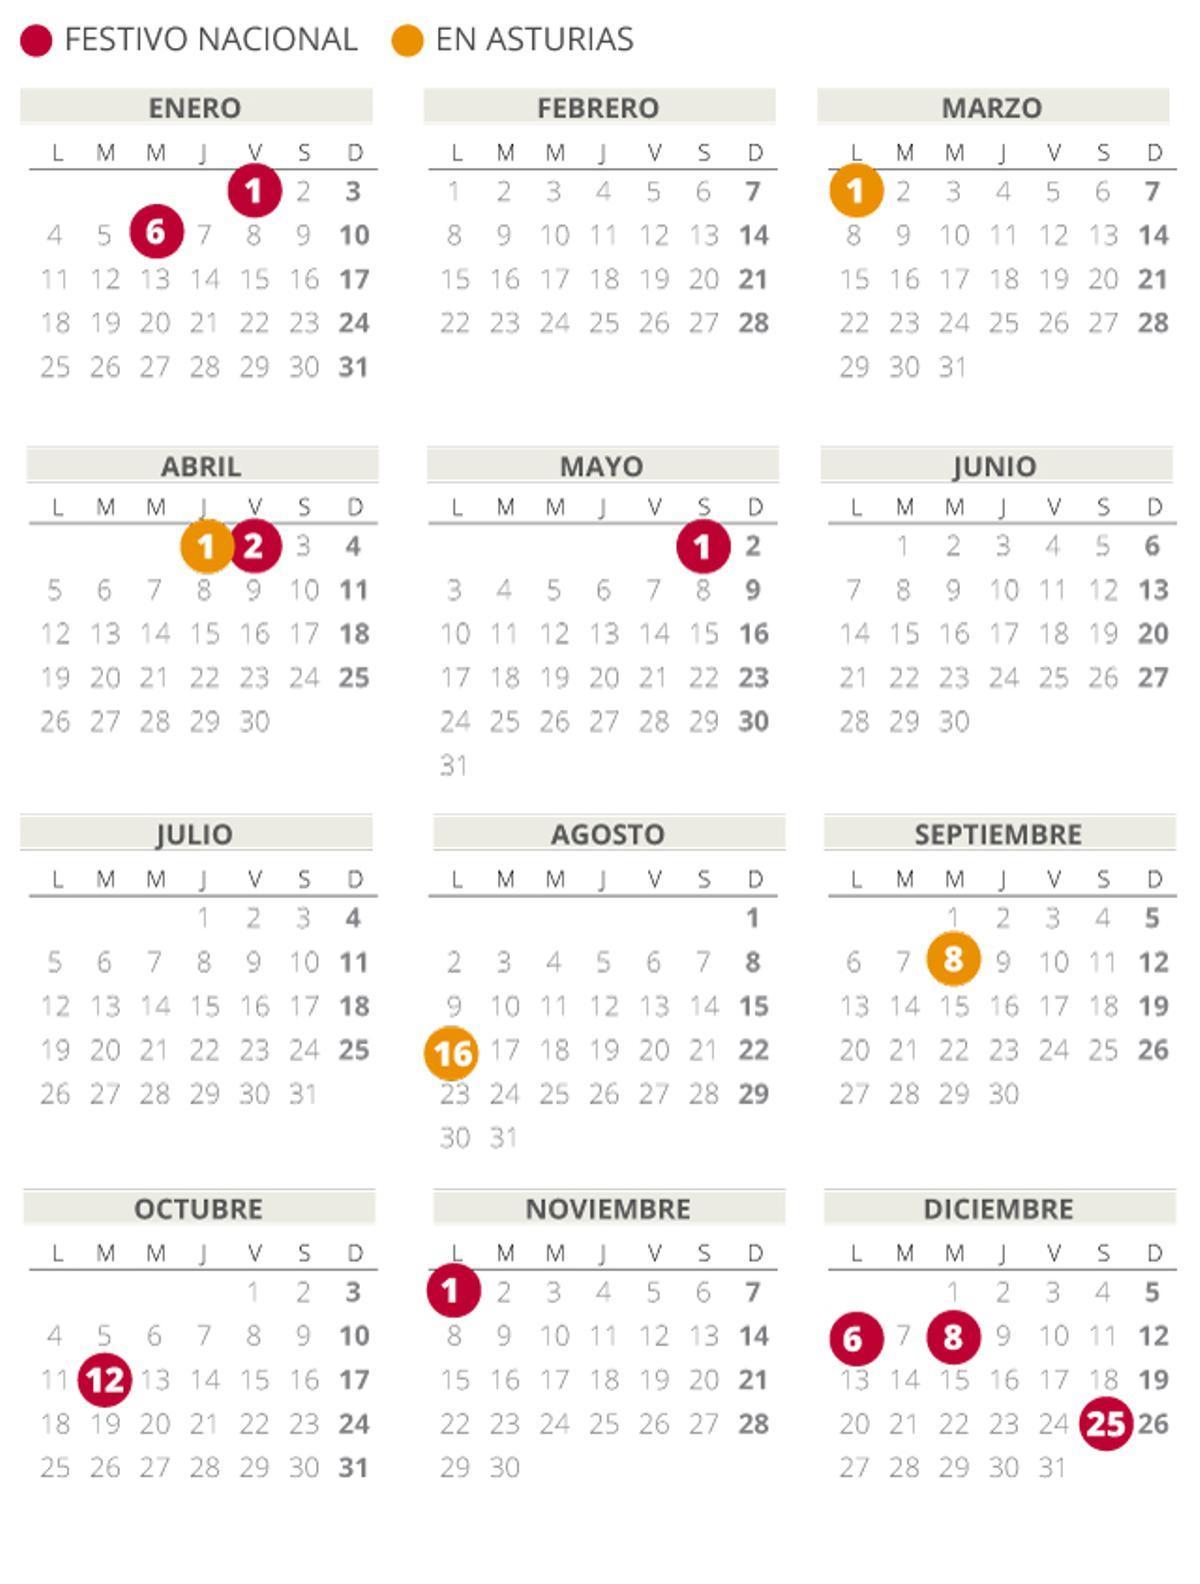 Calendario Laboral Asturias 2021 Con Todos Los Festivos